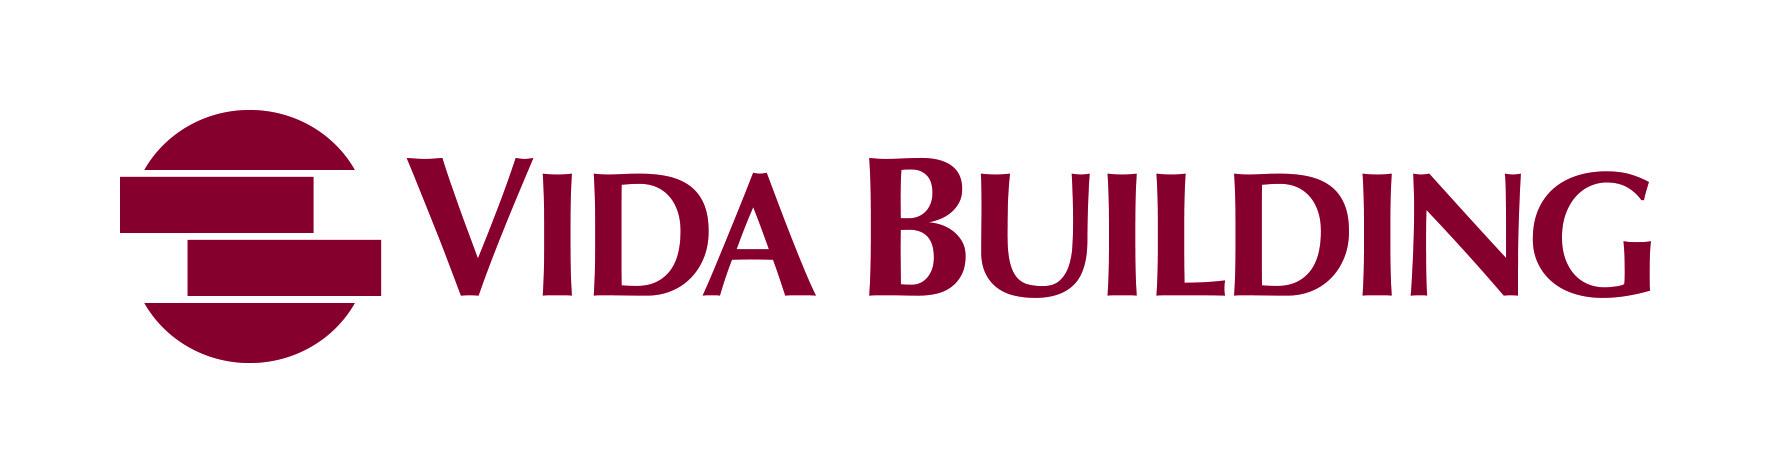 Vida Building